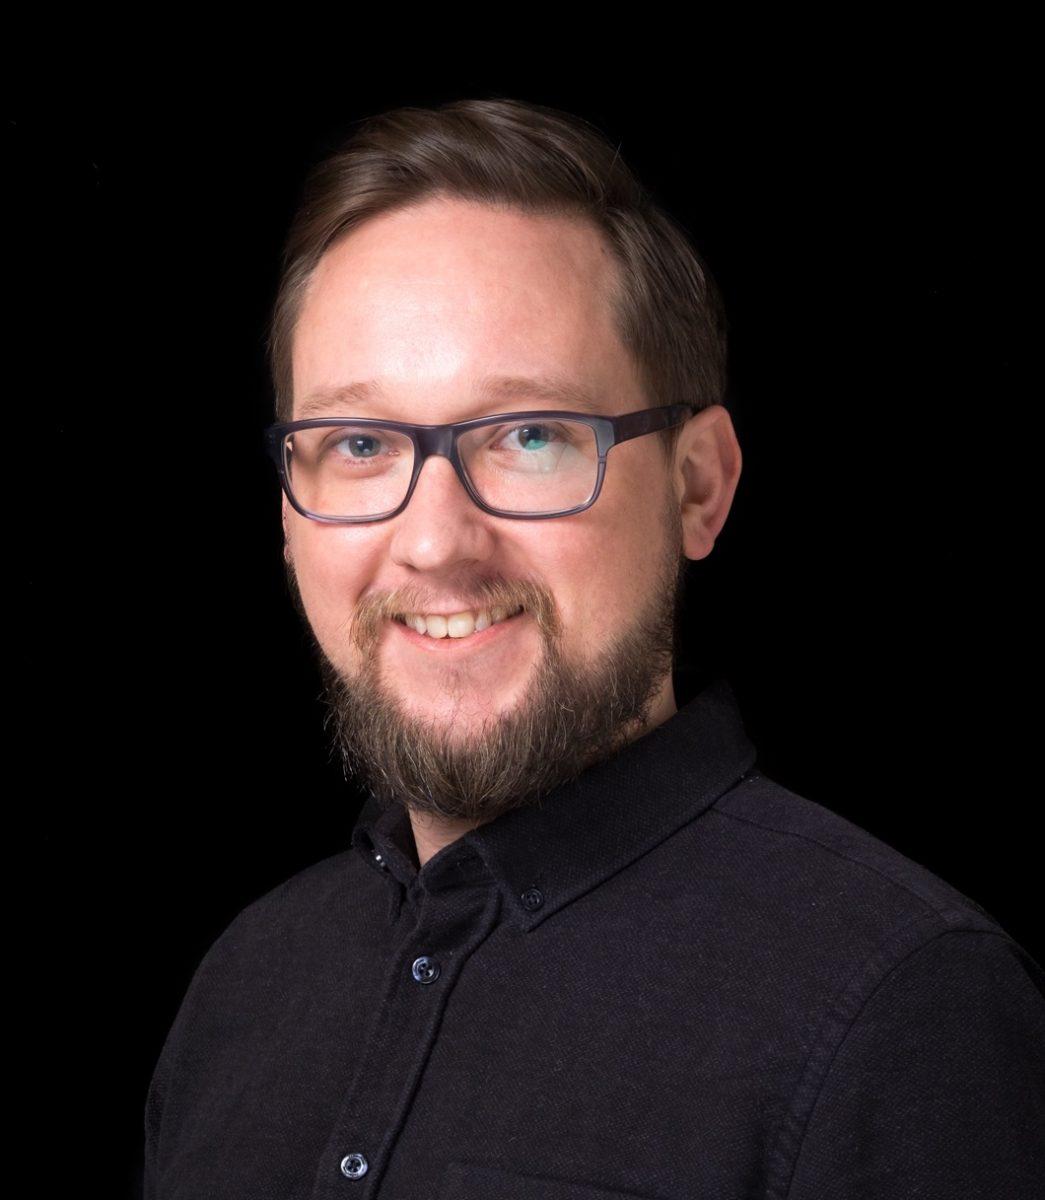 500 Nordics Demo Day - Image by Dan Taylor - dan@heisenbergmedia.com